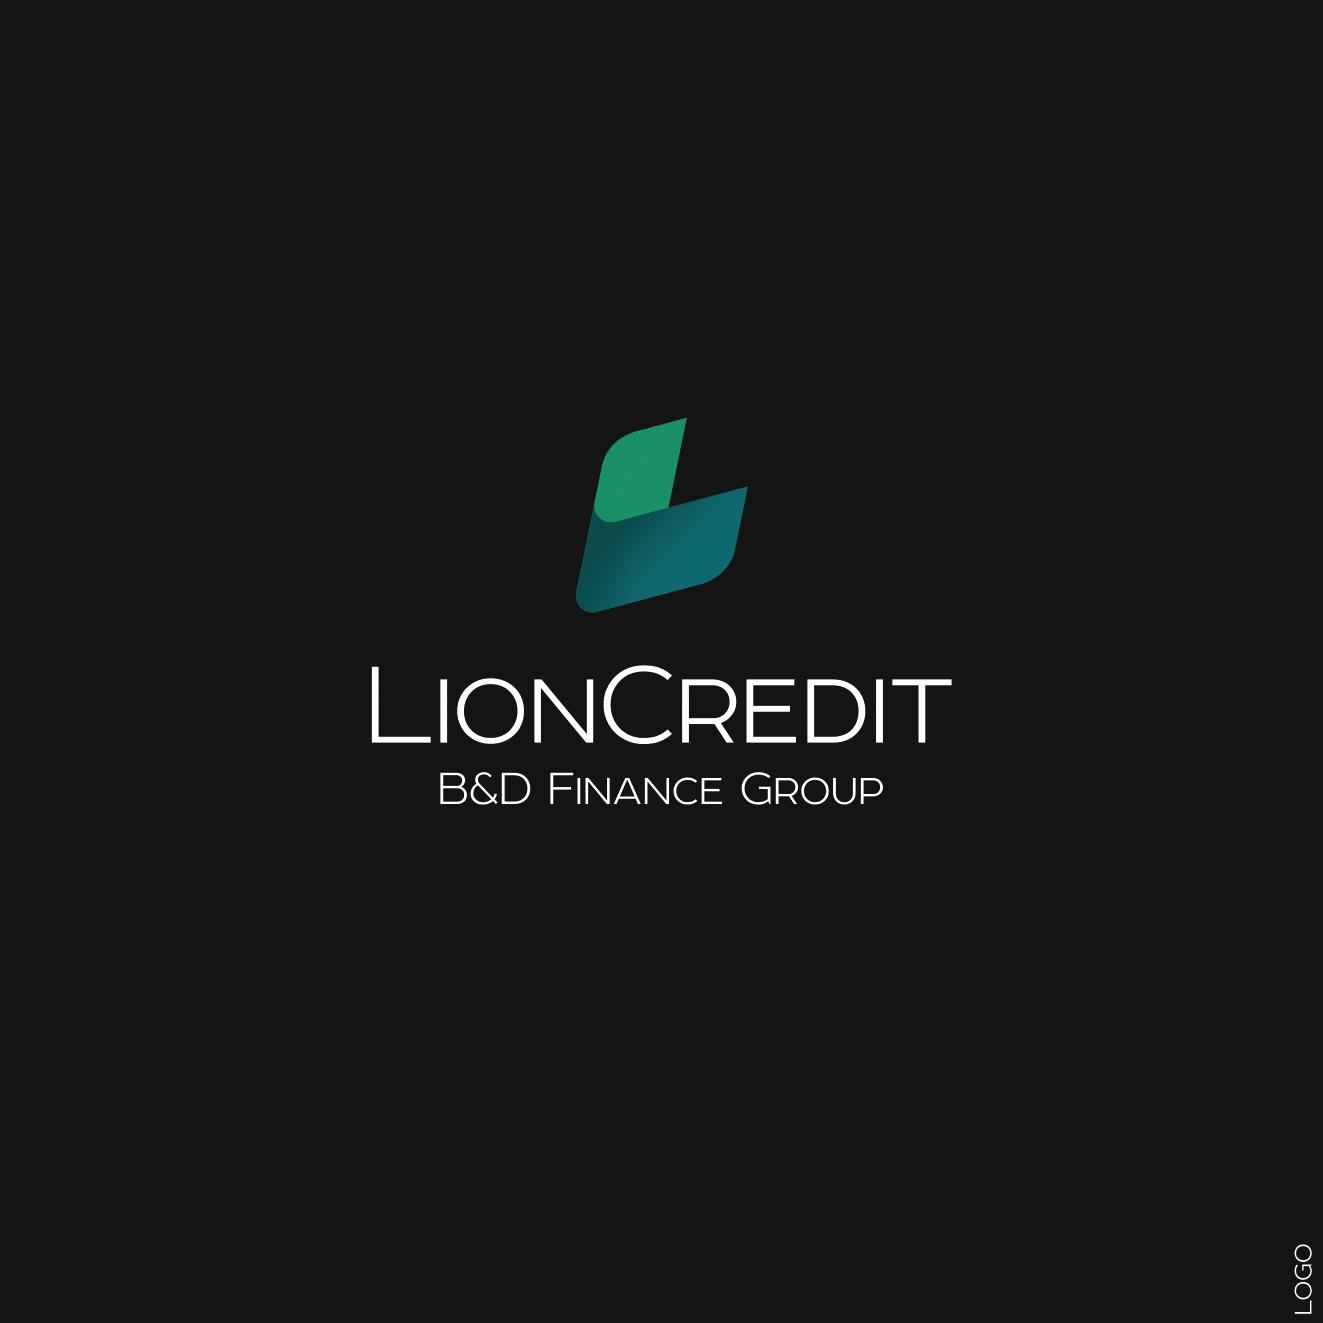 LOGO_LionCredit black